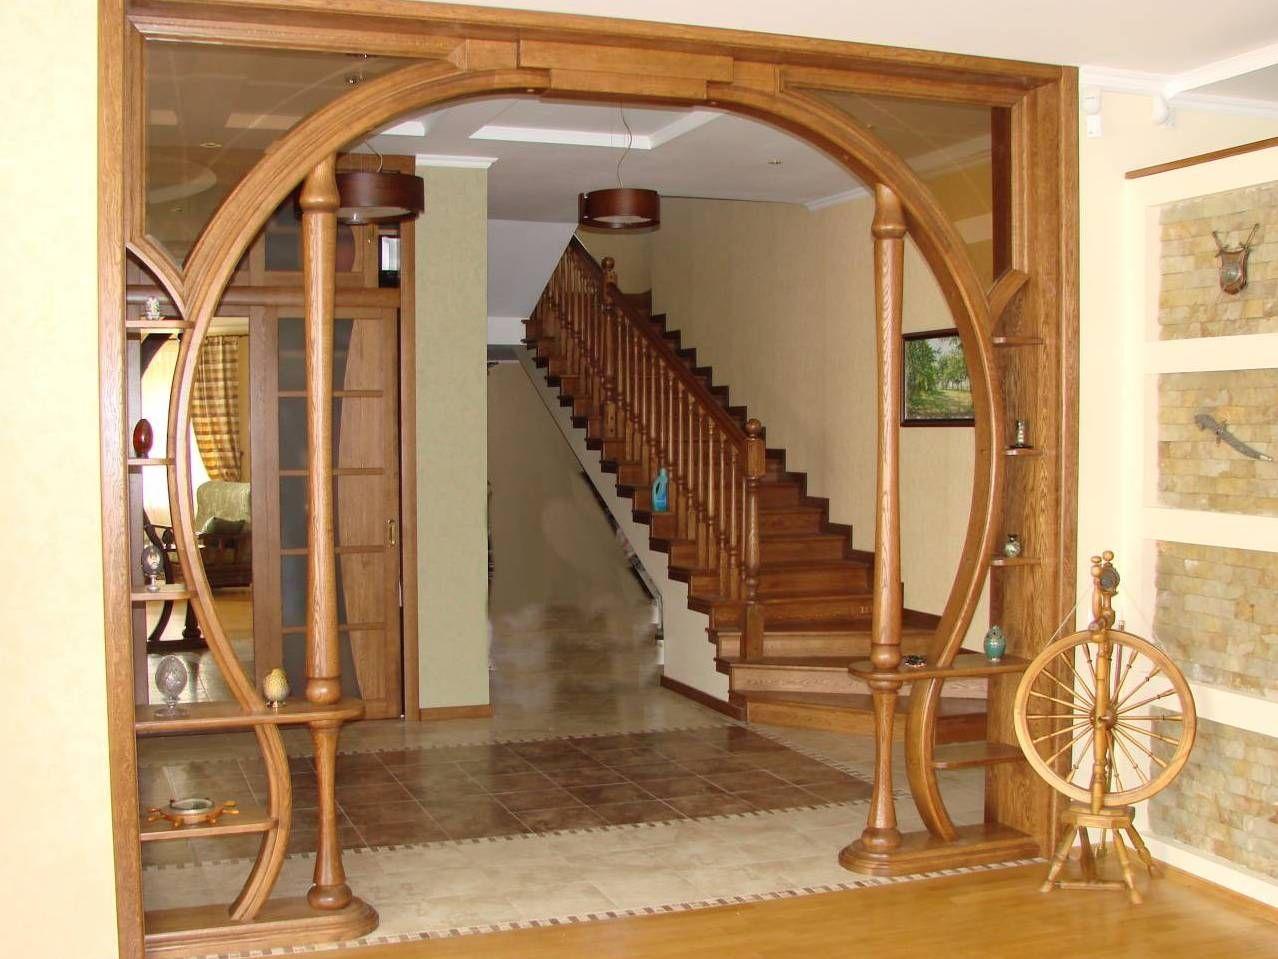 деревянные арки для дверных проходов фото рисунке приведена